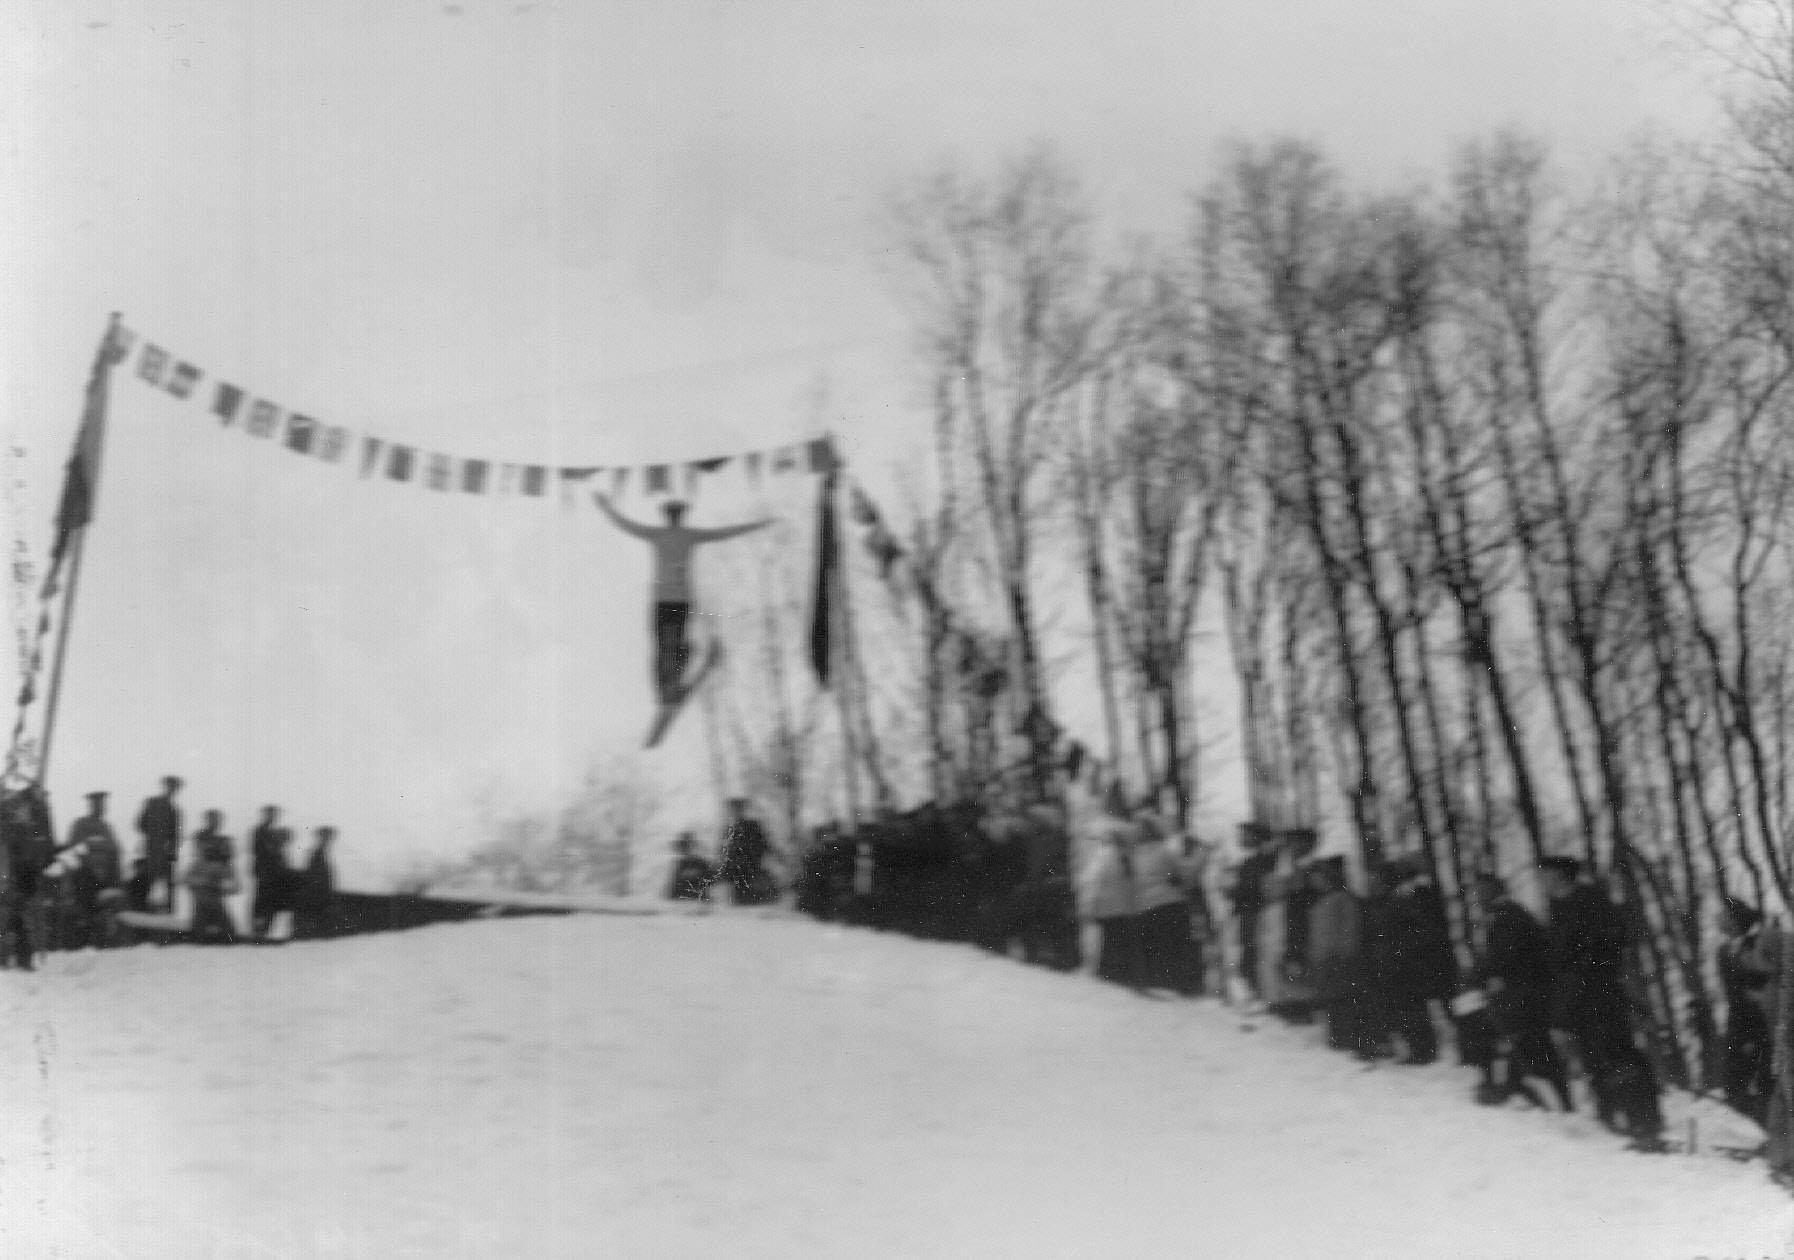 09. Соревнование лыжников по прыжкам с трамплина